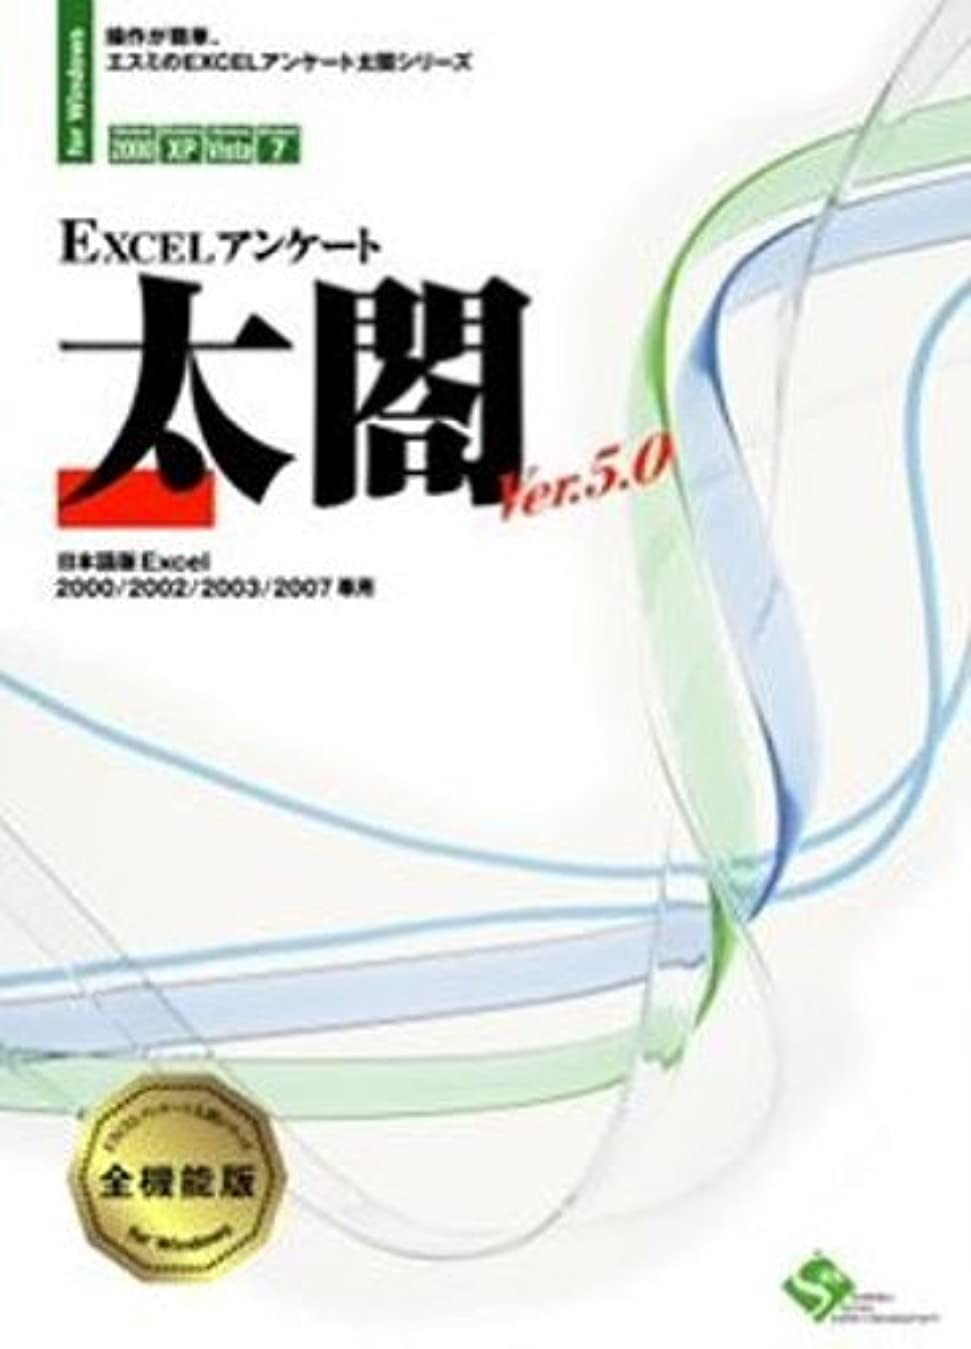 なかなかぶら下がる誠意EXCELアンケート太閤 Ver.5.0 全機能版 1ライセンスパッケージ アカデミック